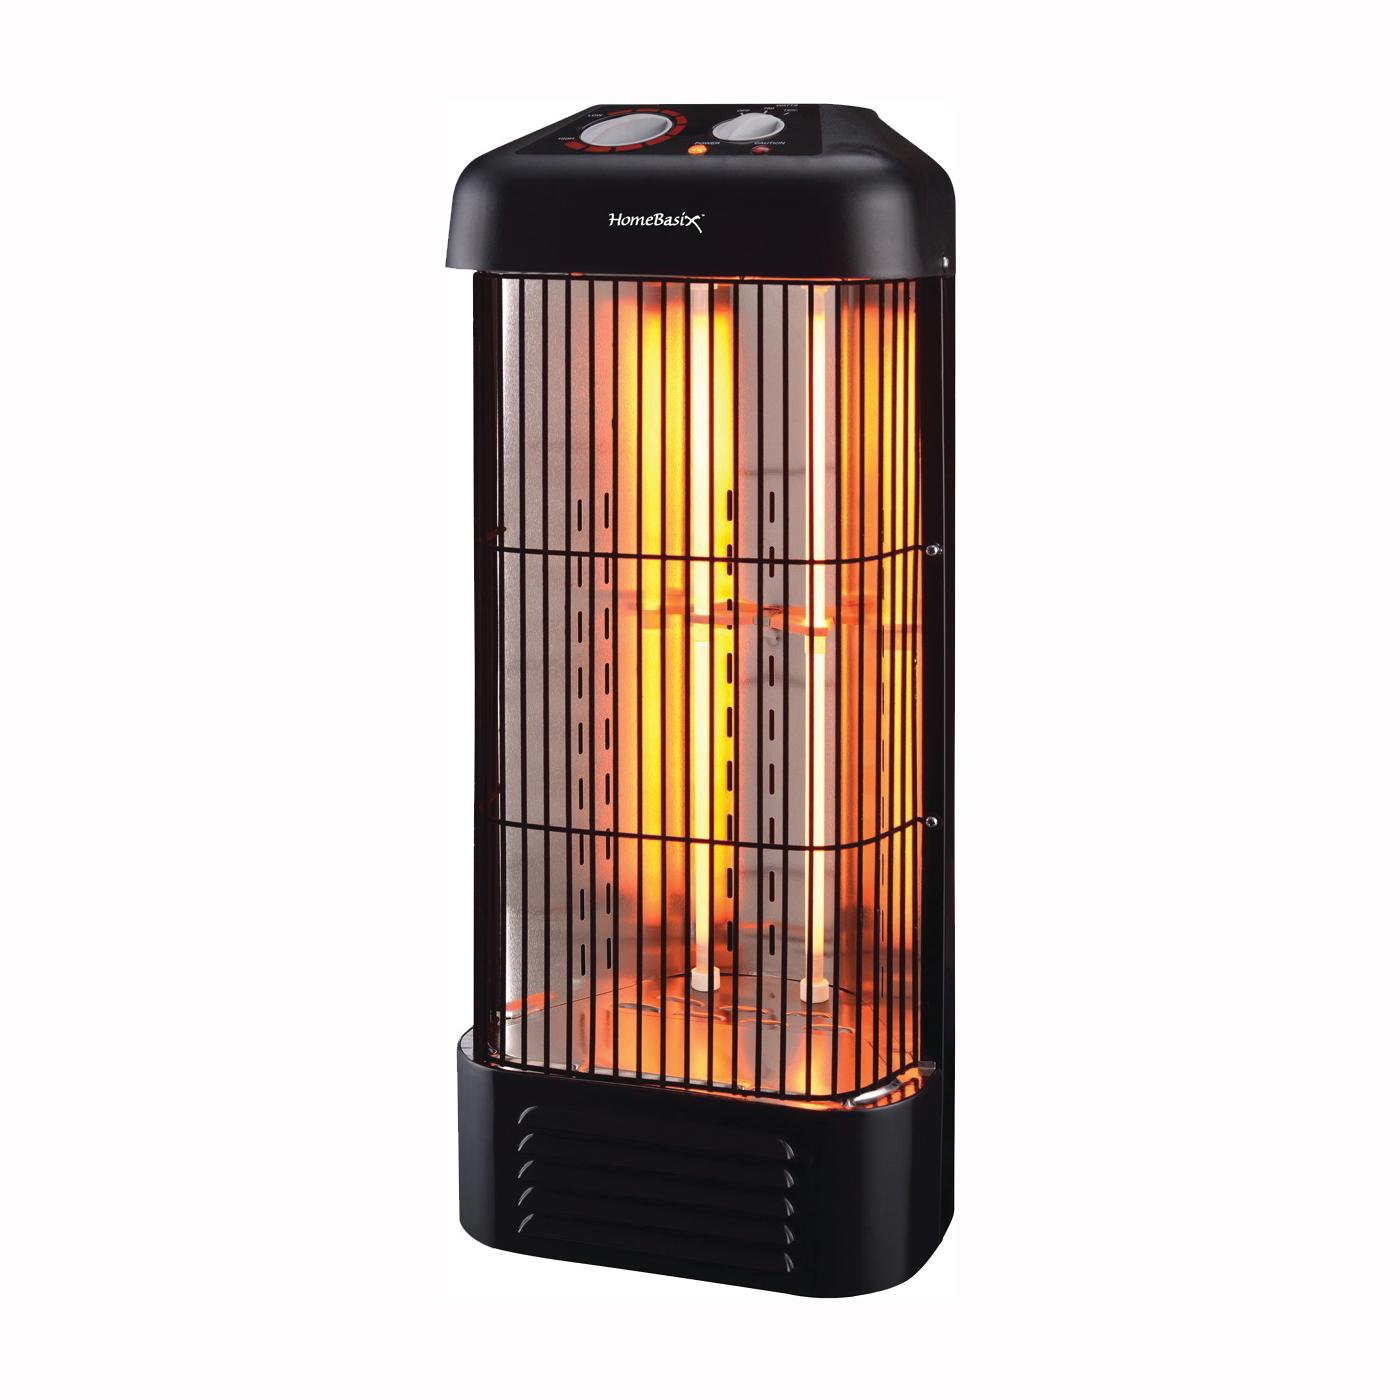 Picture of PowerZone CZQTV8 Infrared Quartz Tower Heater. 750/1500W, 12.5 A, 120 V, 750/1500 W, 5118.2 Btu, Black